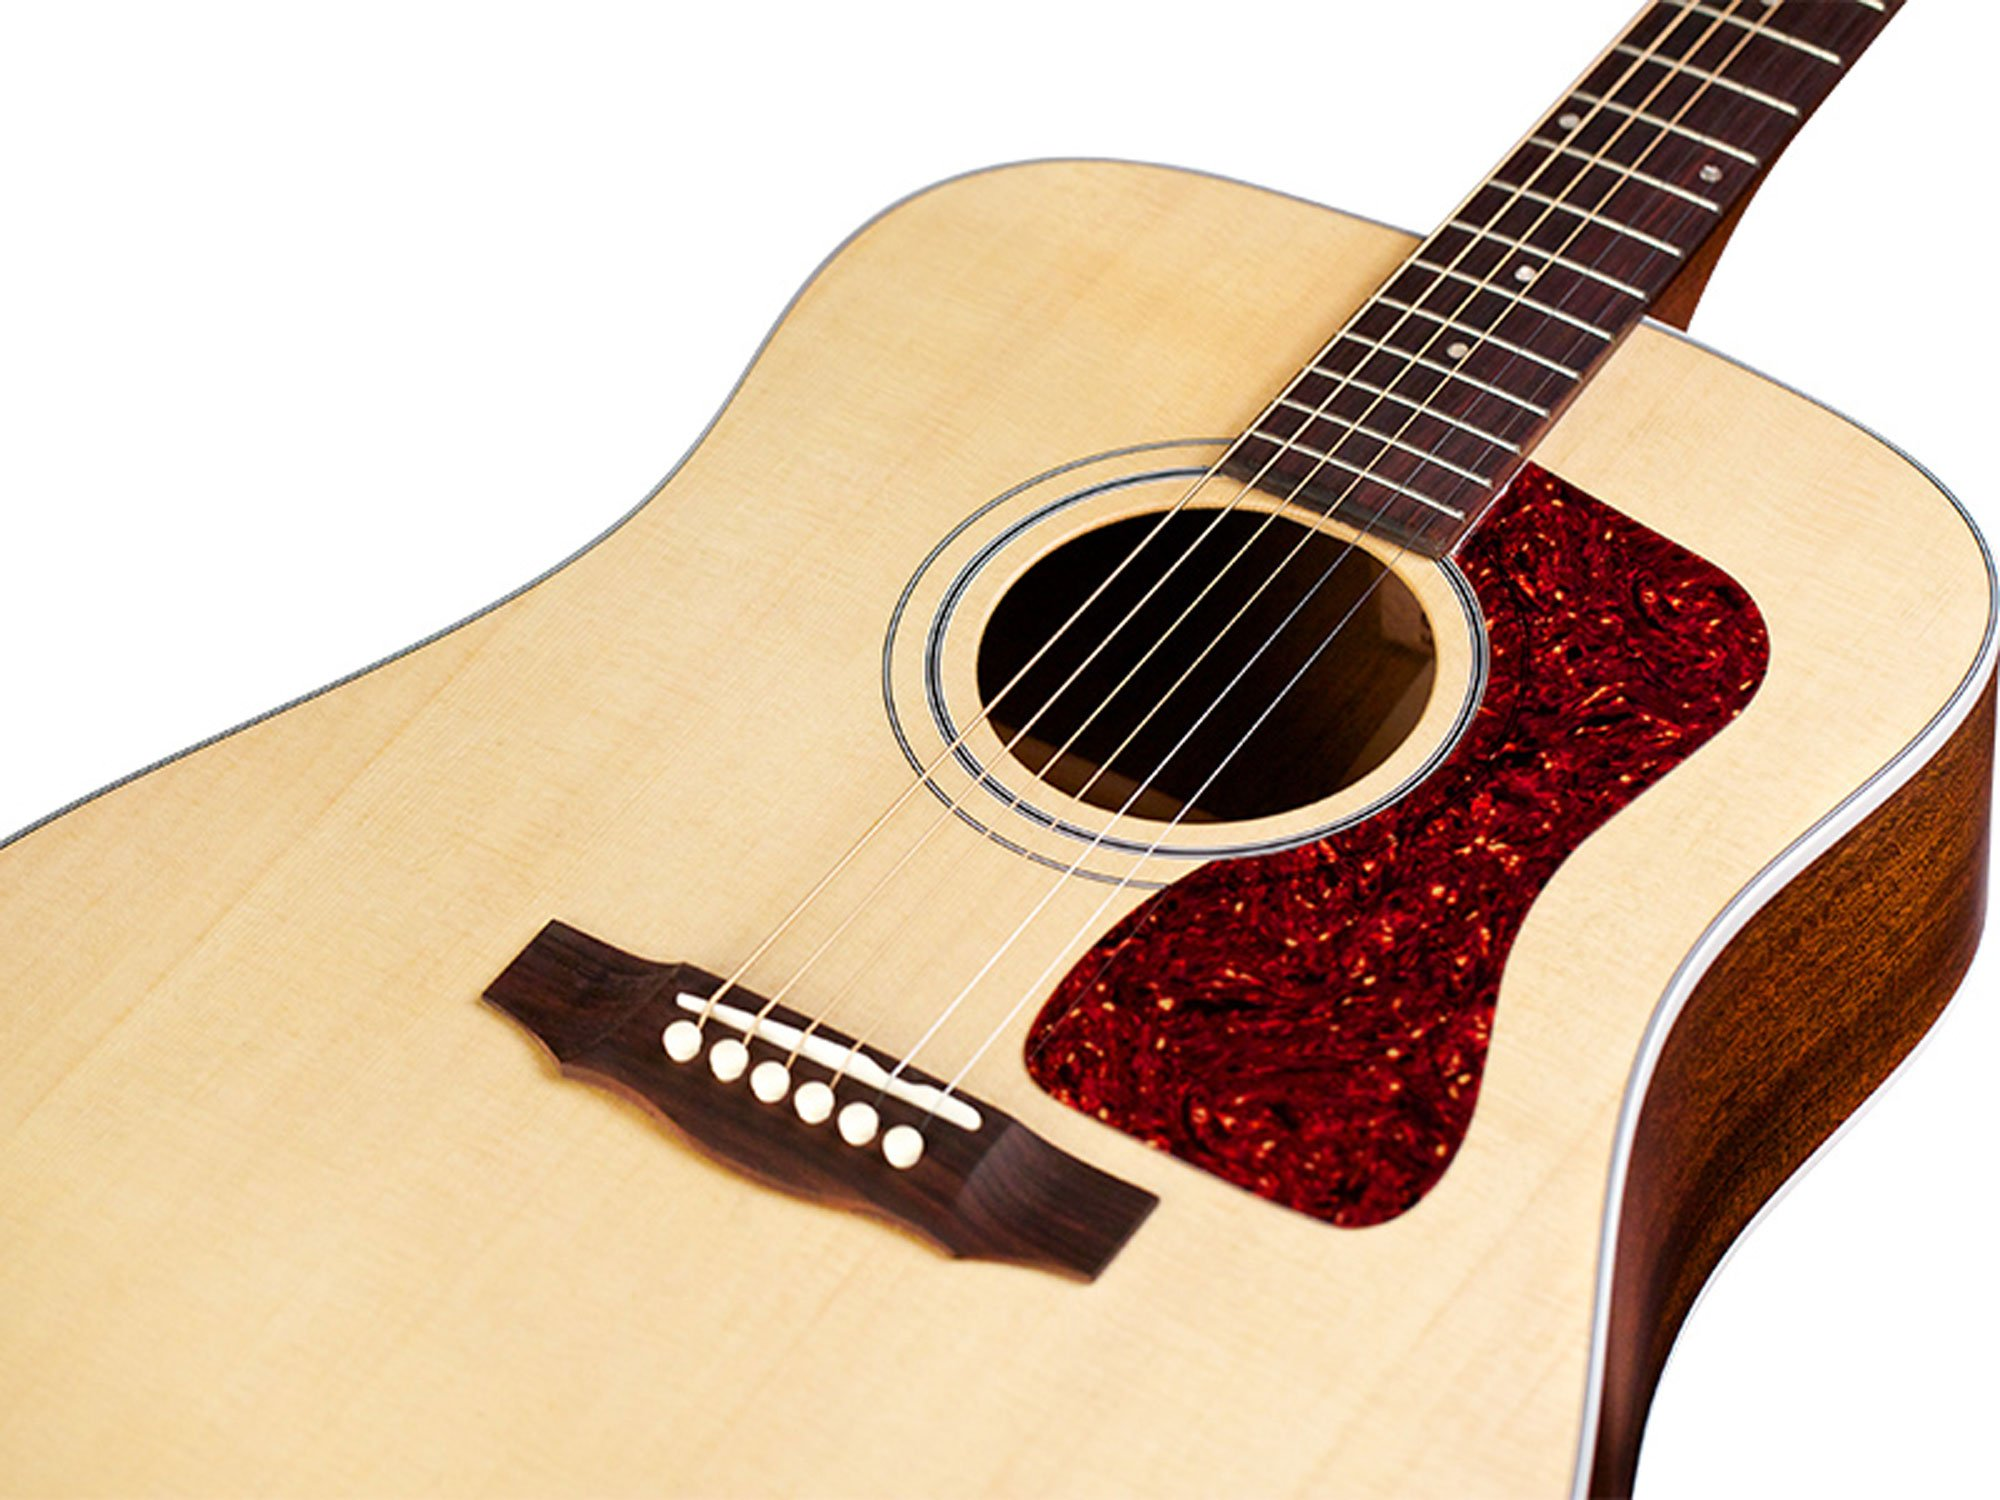 Hermandad D-40 guitarra acústica: Amazon.es: Instrumentos musicales